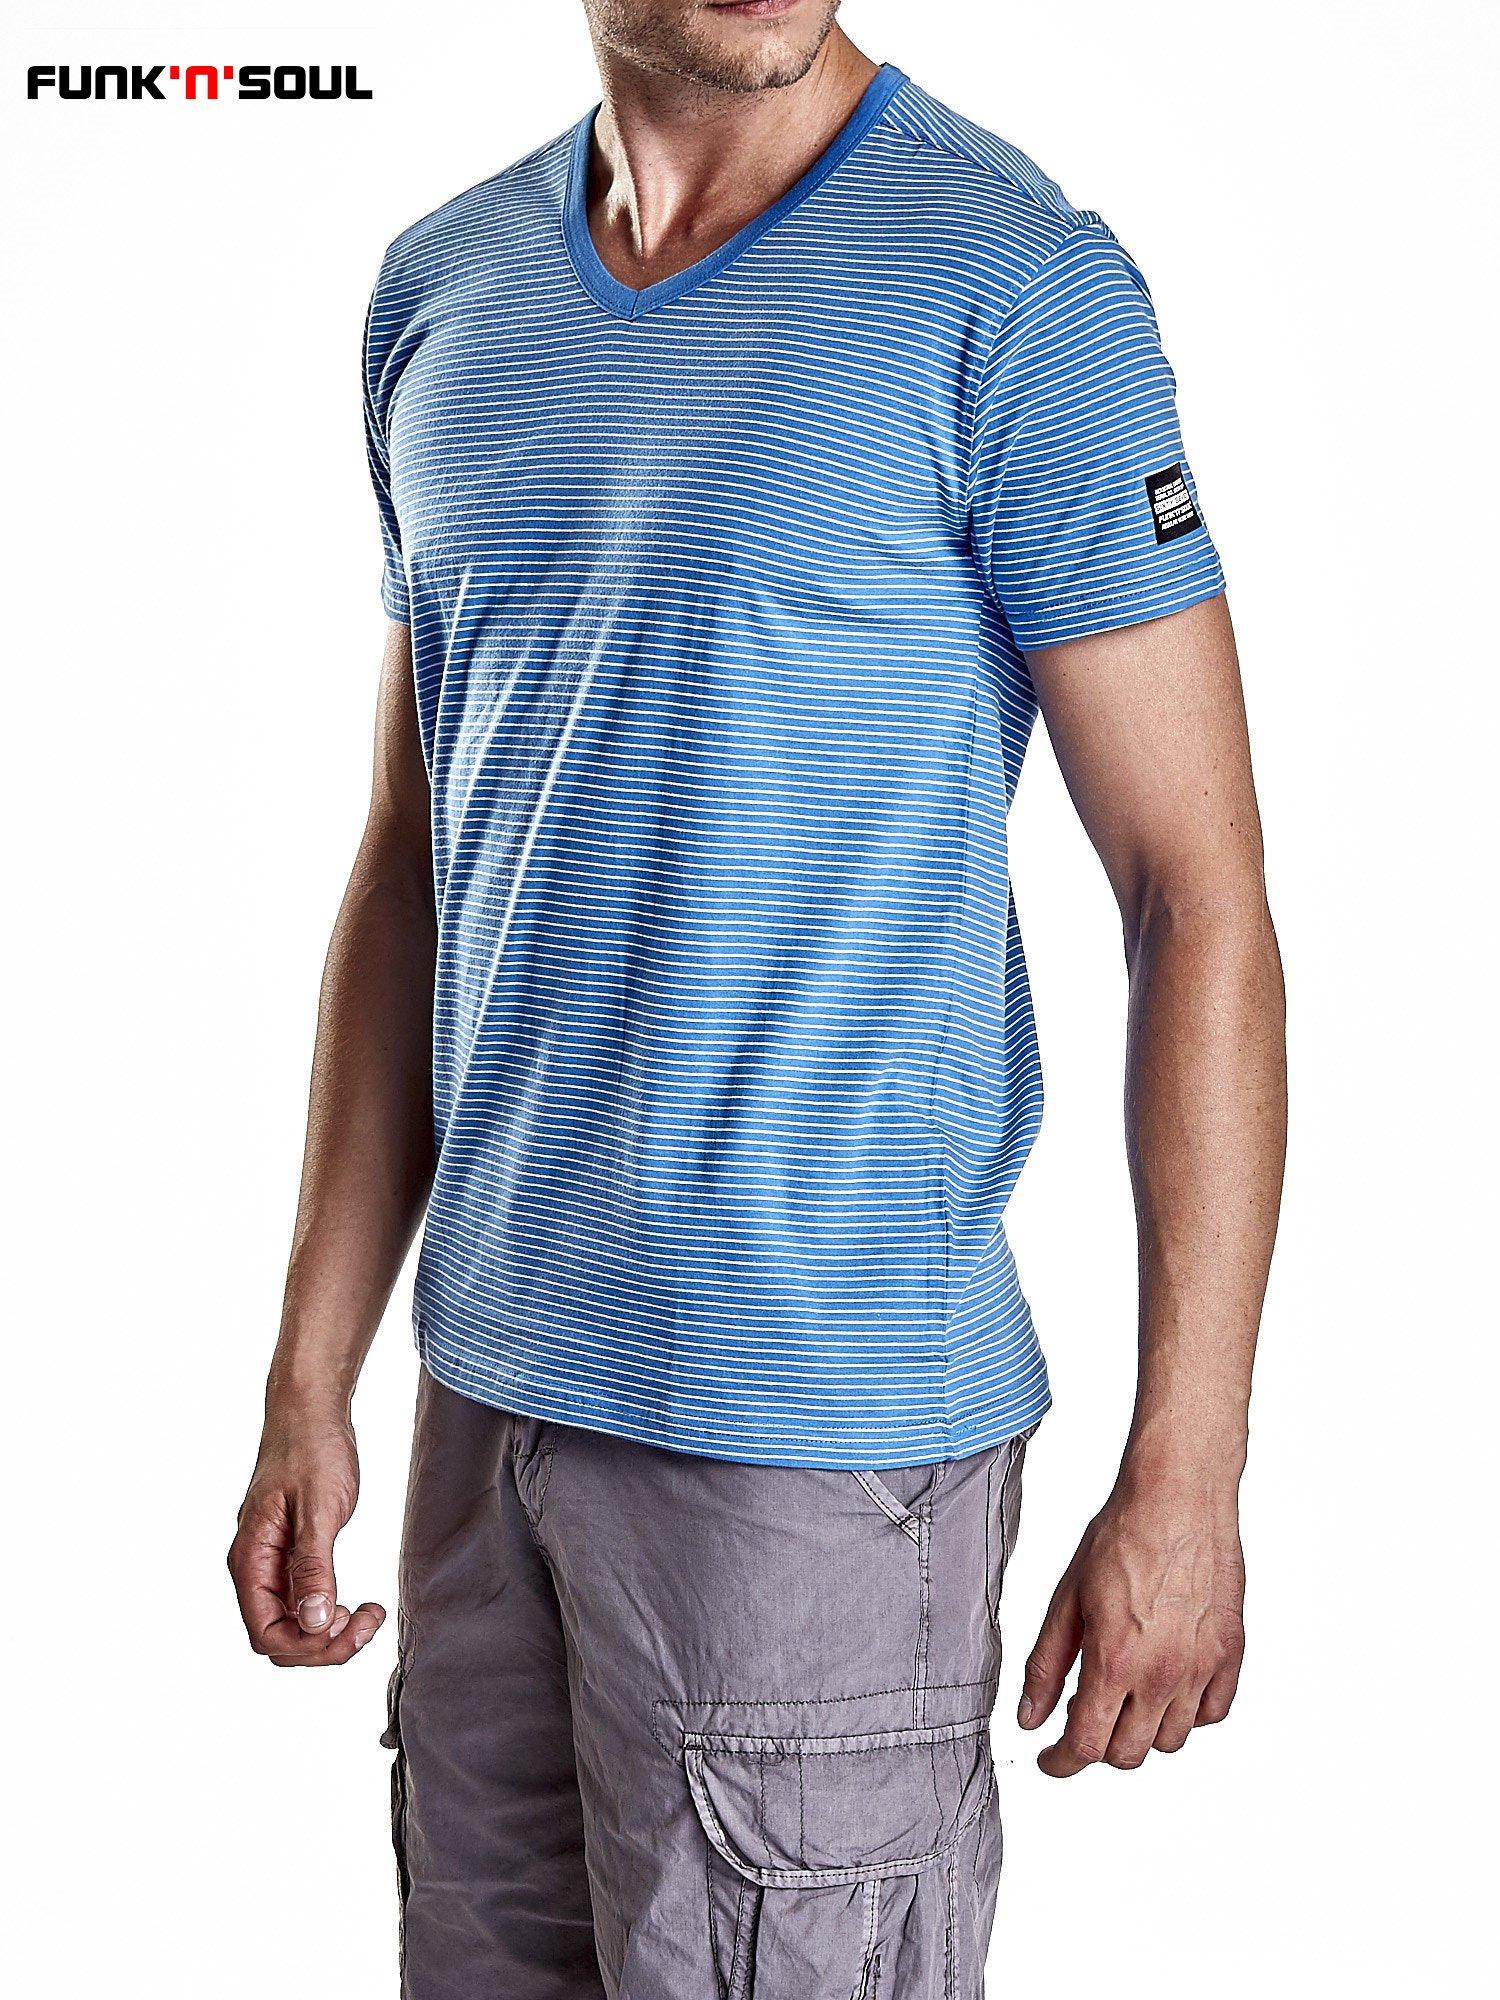 Niebieski klasyczny t-shirt męski w paski Funk n Soul                                  zdj.                                  3